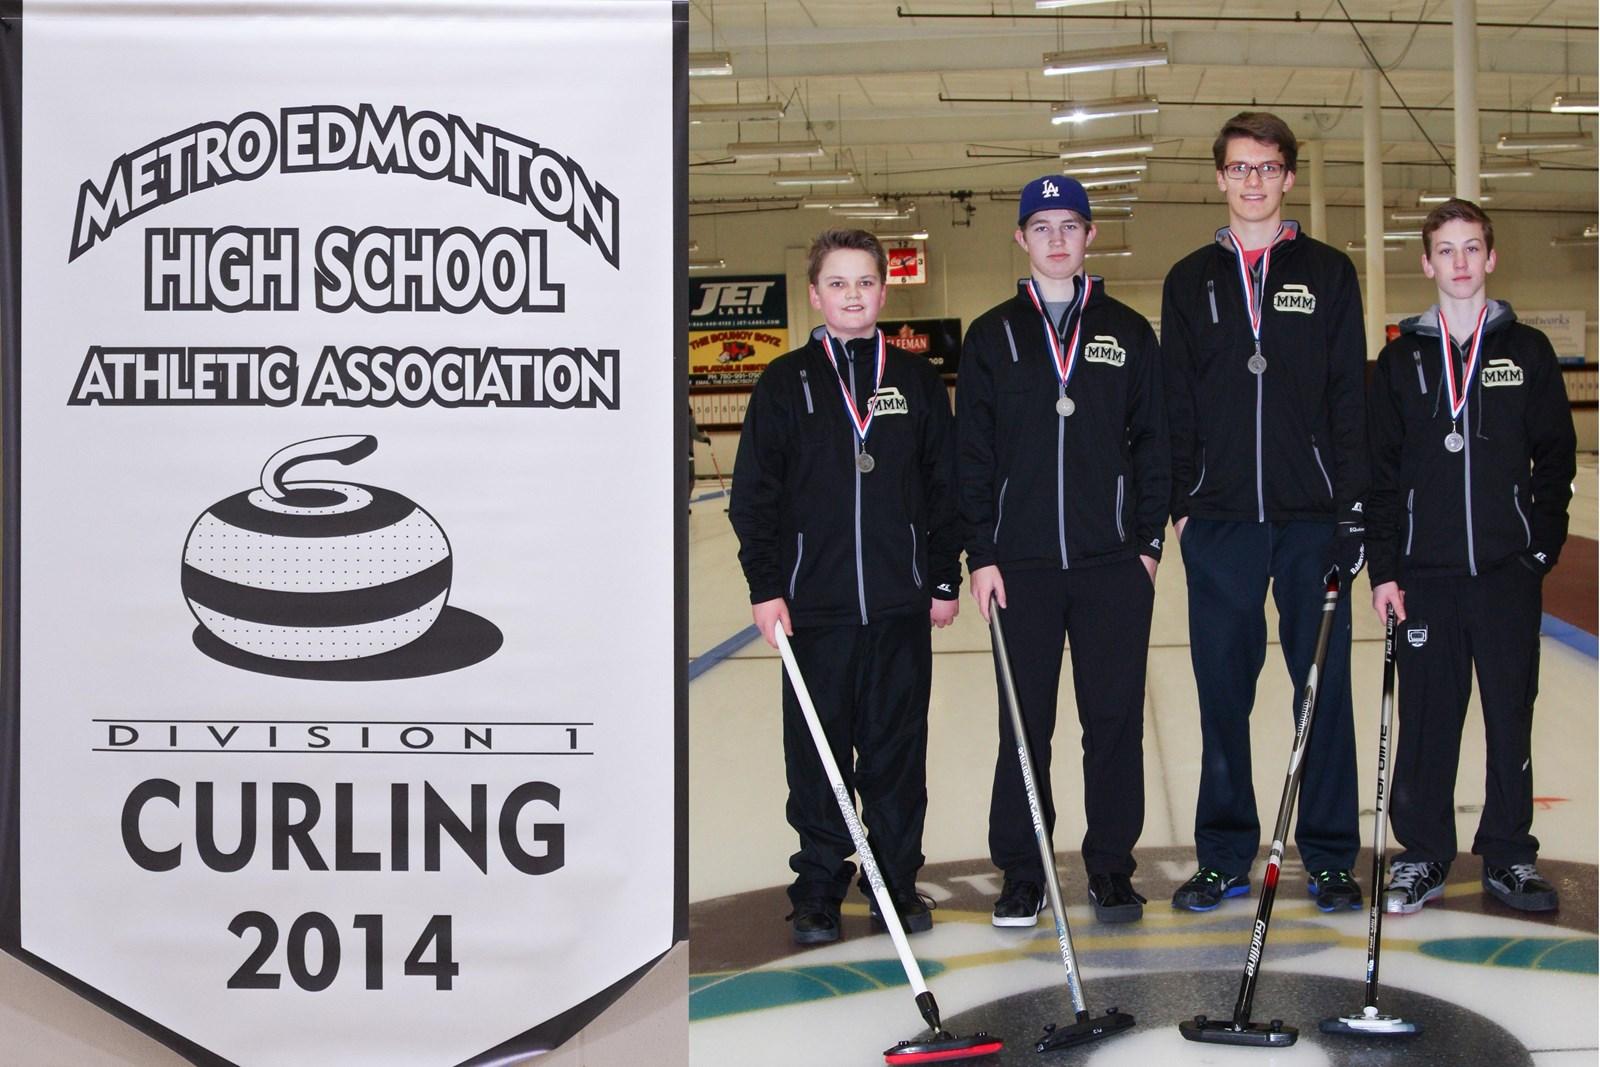 Curling 2014.jpg